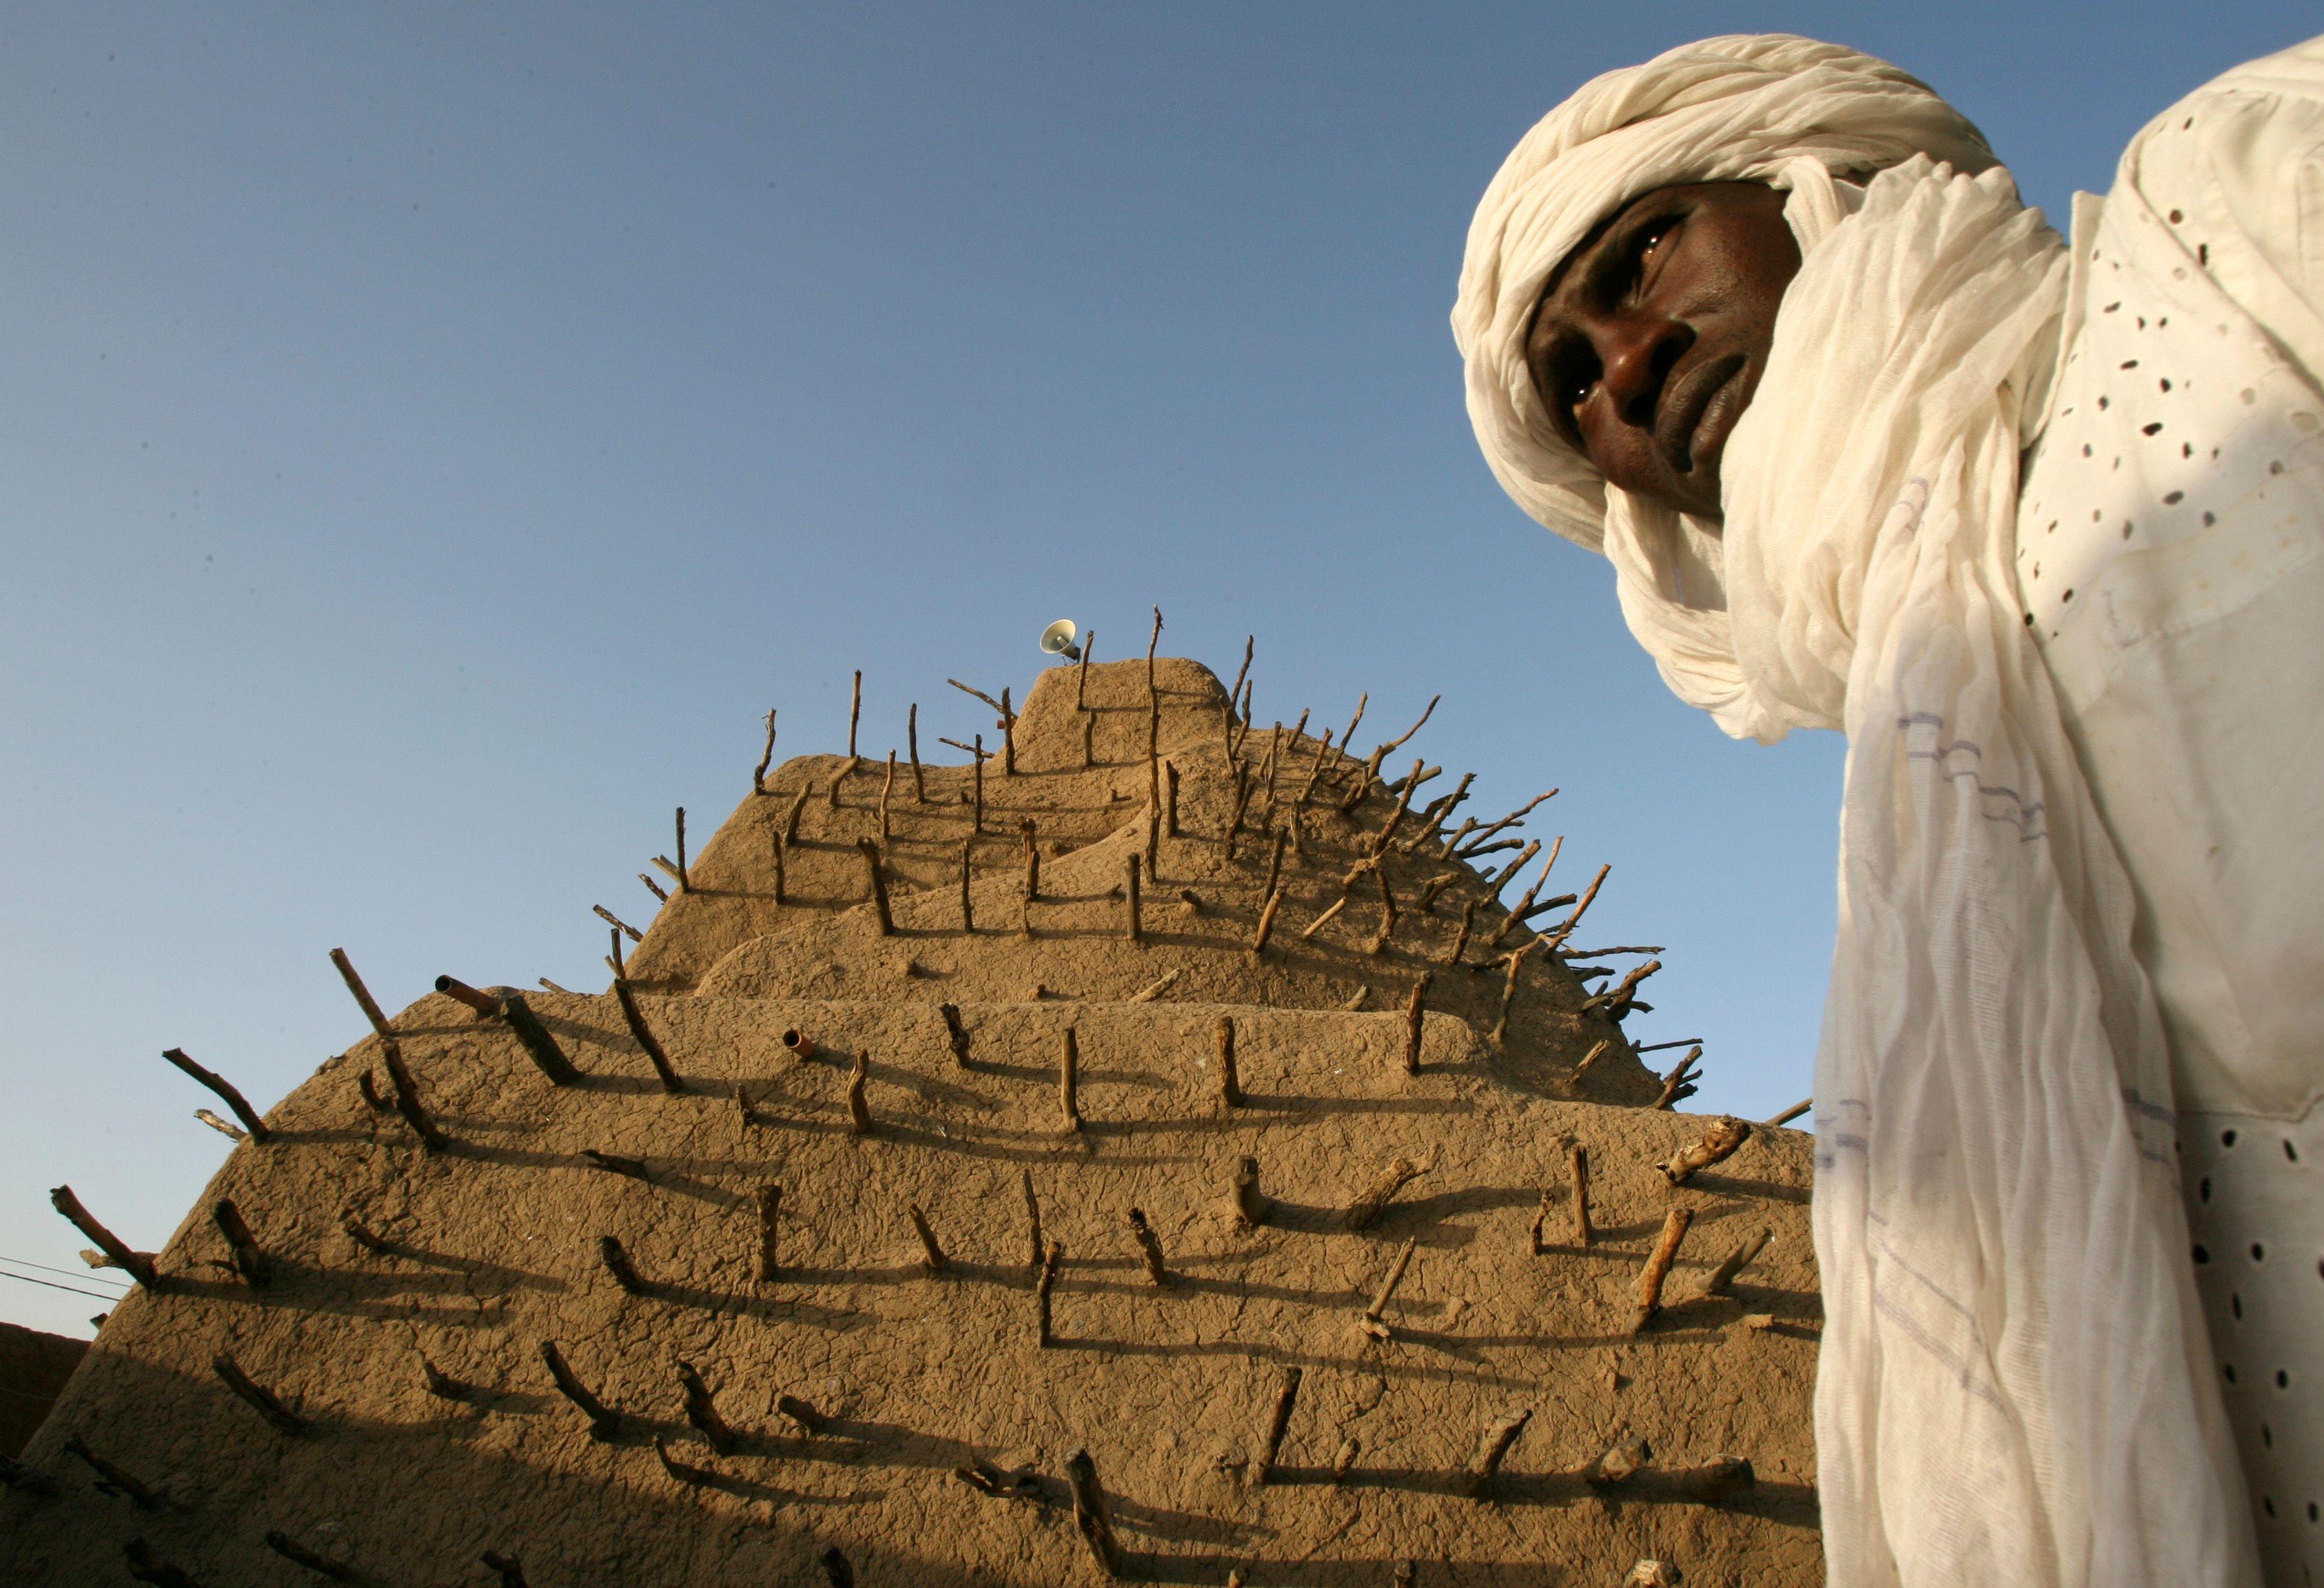 Un Émirat islamique radical vient de se créer au Mali, sans déclencher autre chose que des protestations verbales.